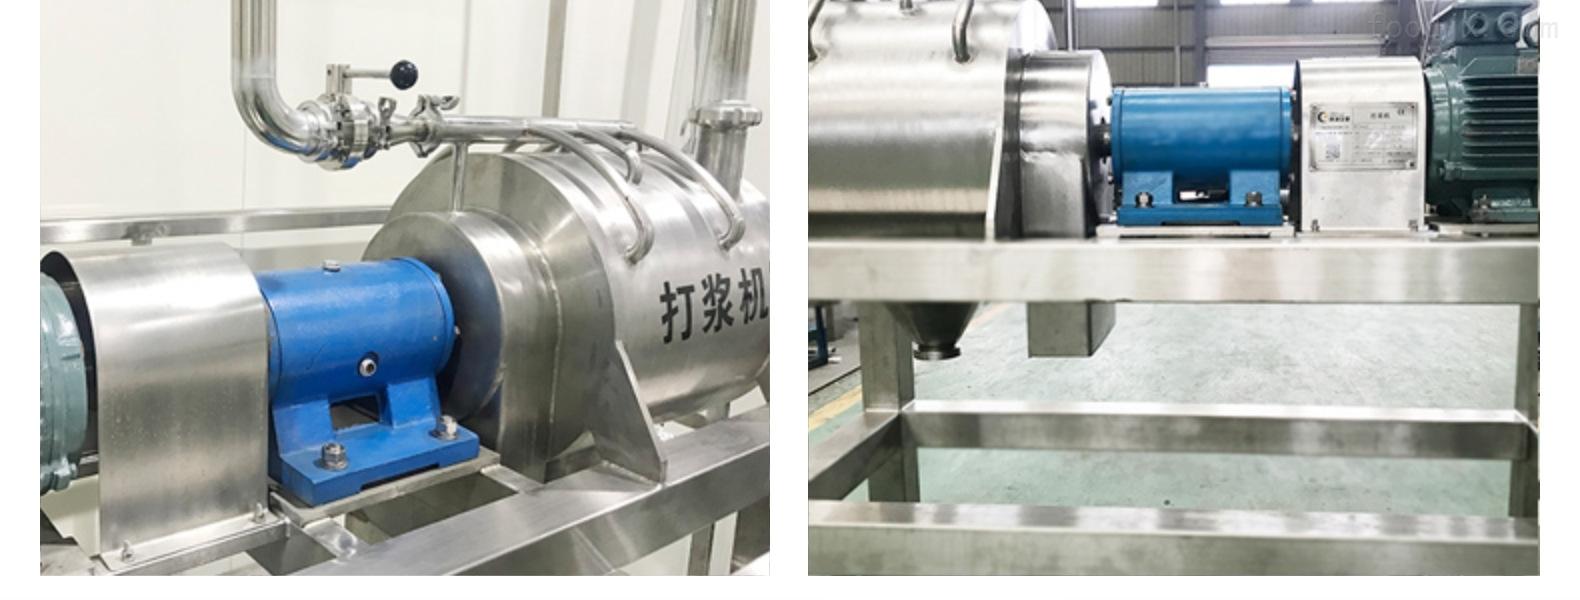 上海成洵 - 高速精制打浆机